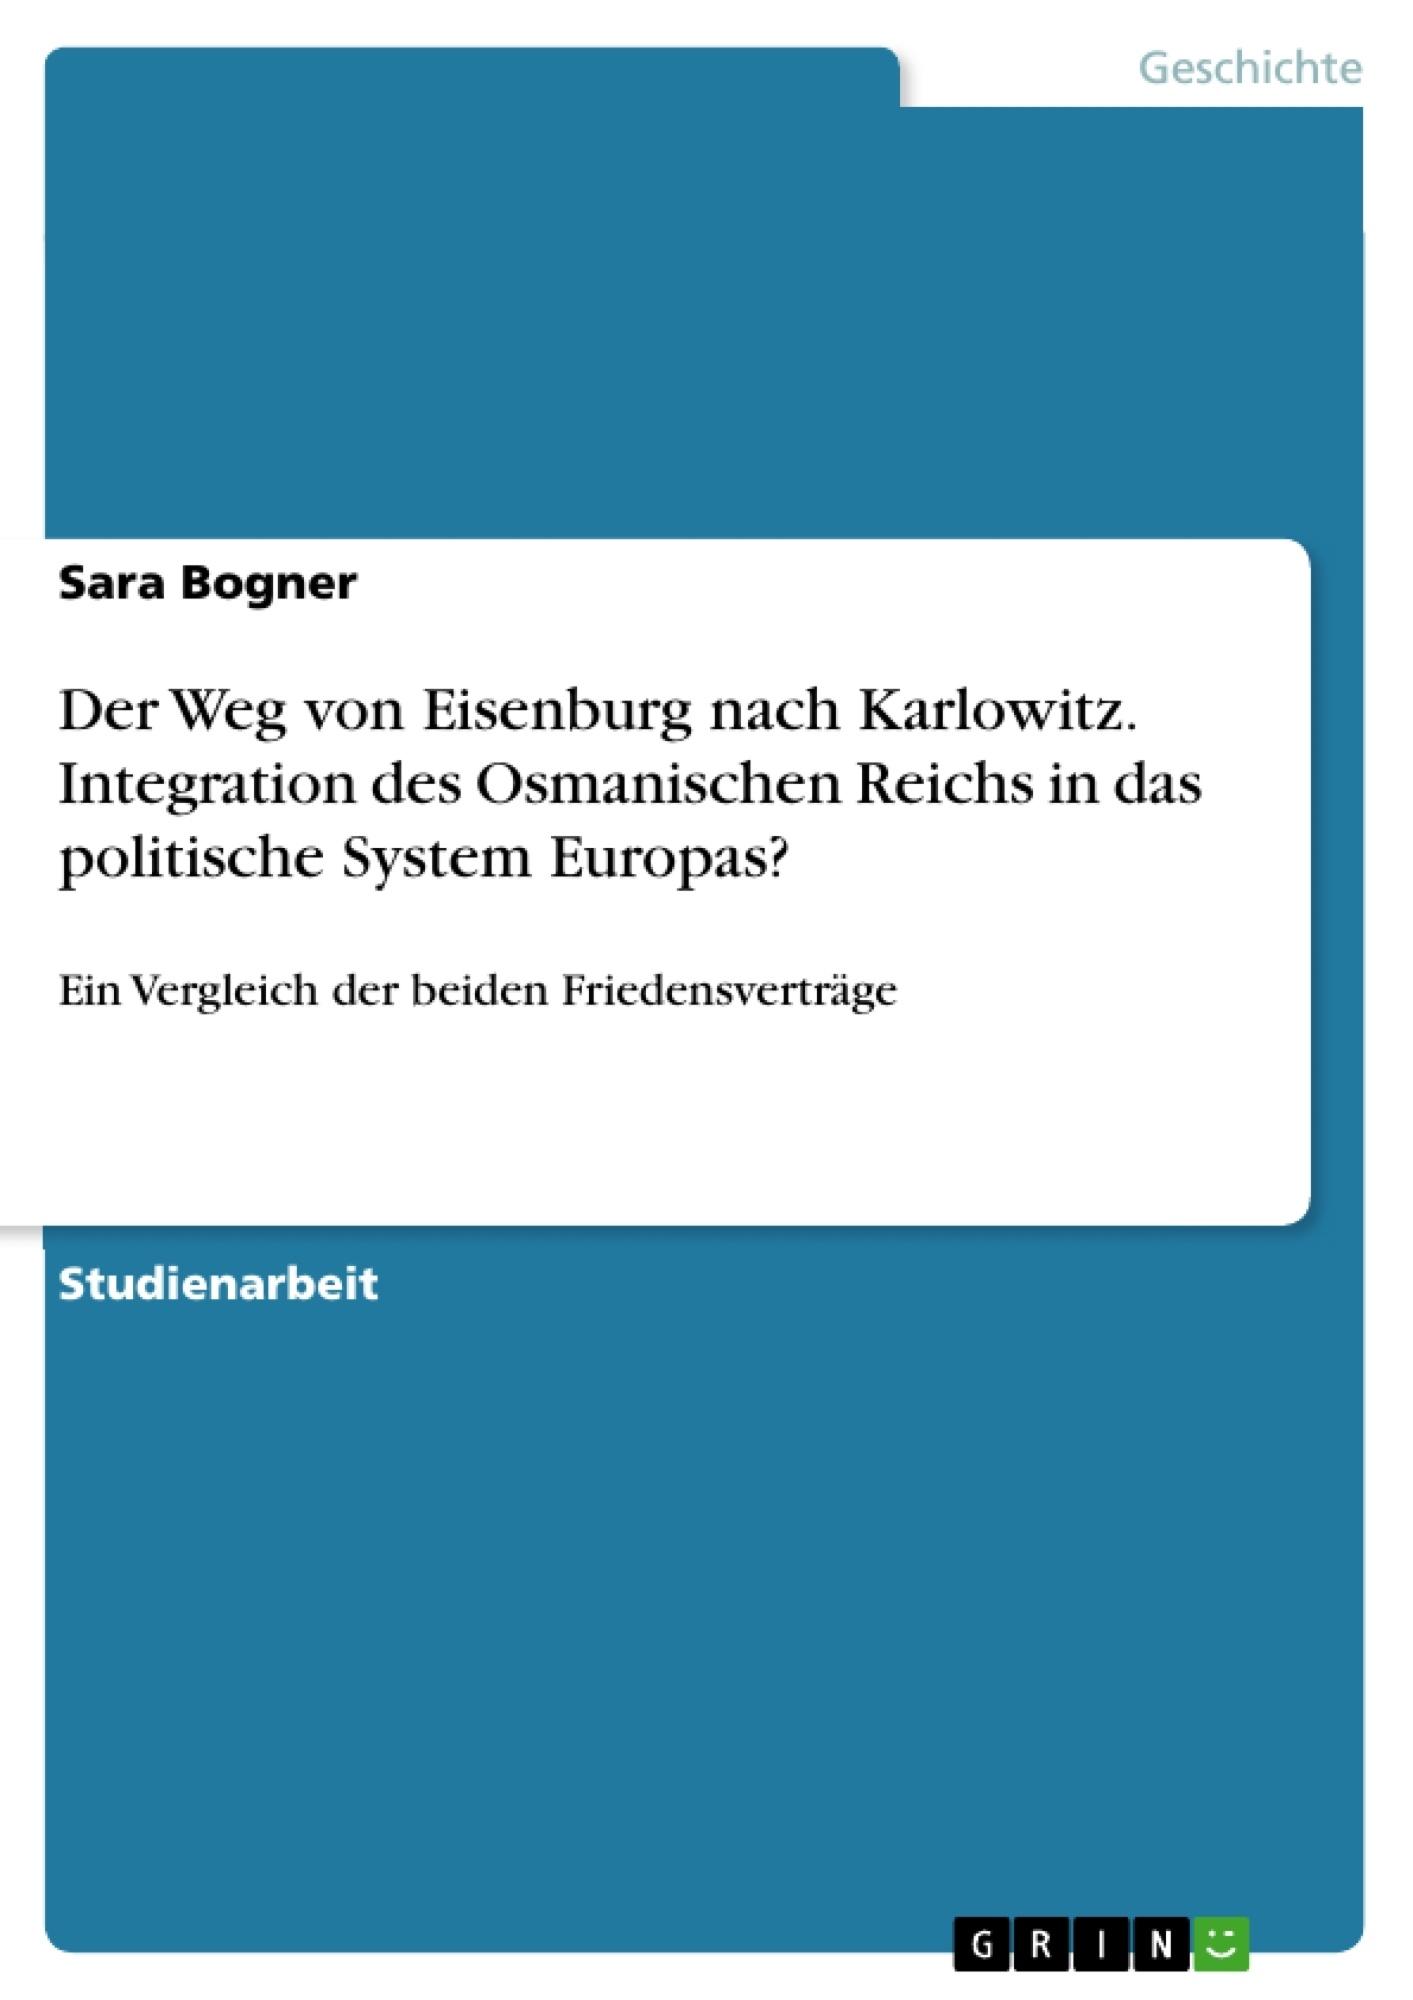 Titel: Der Weg von Eisenburg nach Karlowitz.  Integration des Osmanischen Reichs in das politische System Europas?